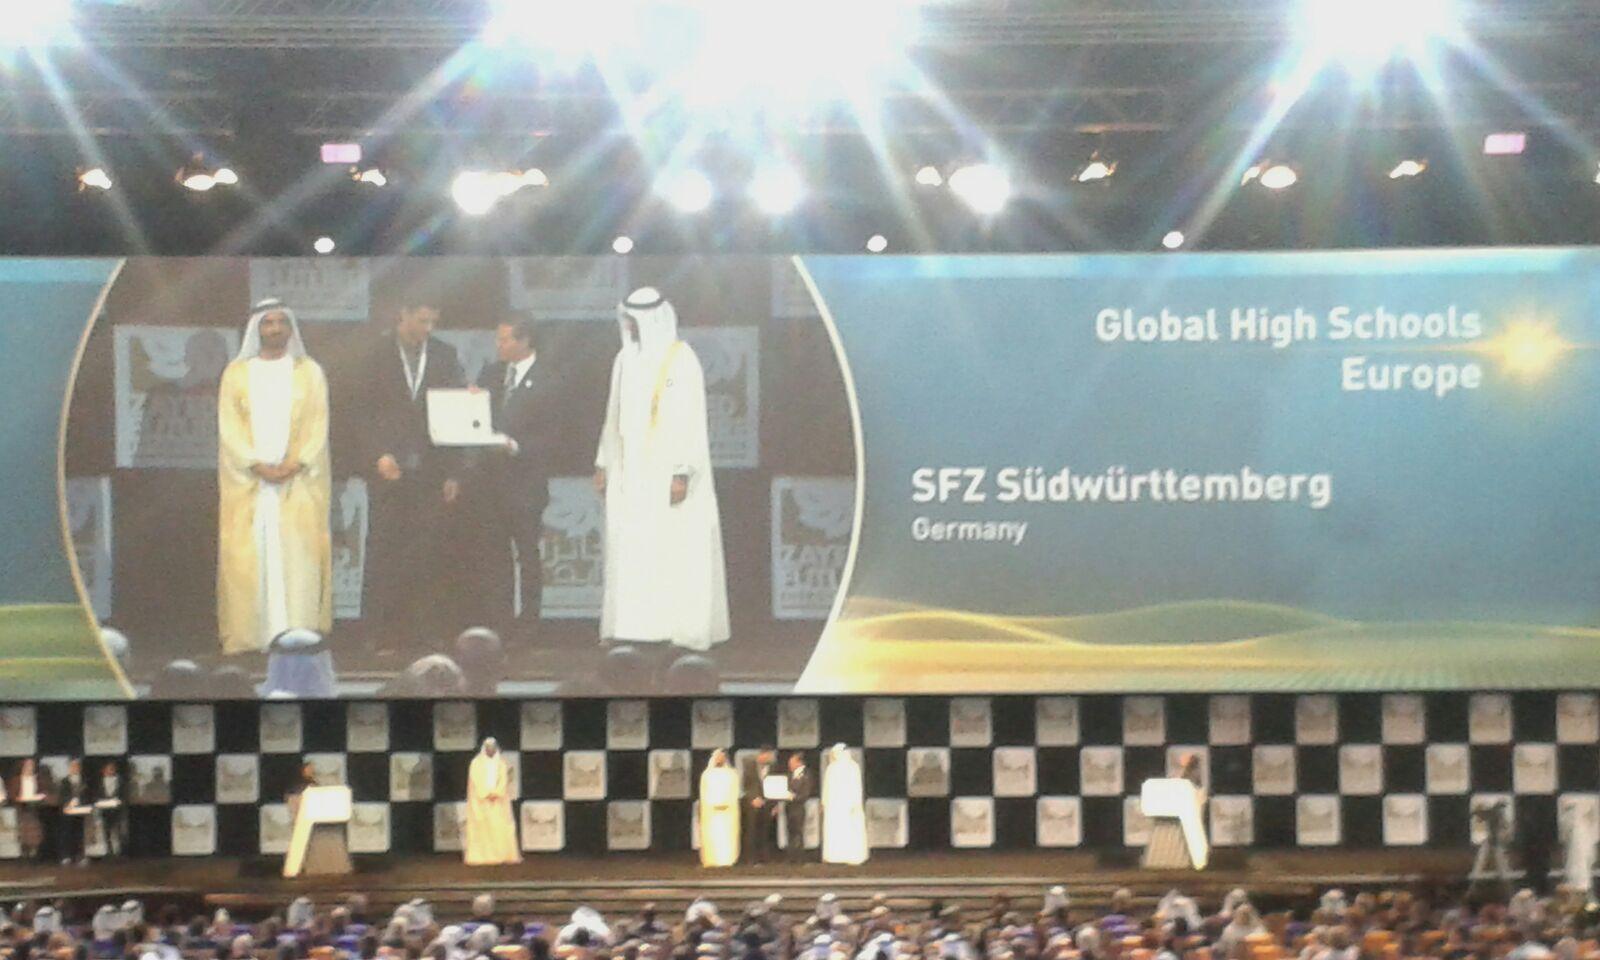 WFES 2016 Ceremonie Ouverture Preis SFZ